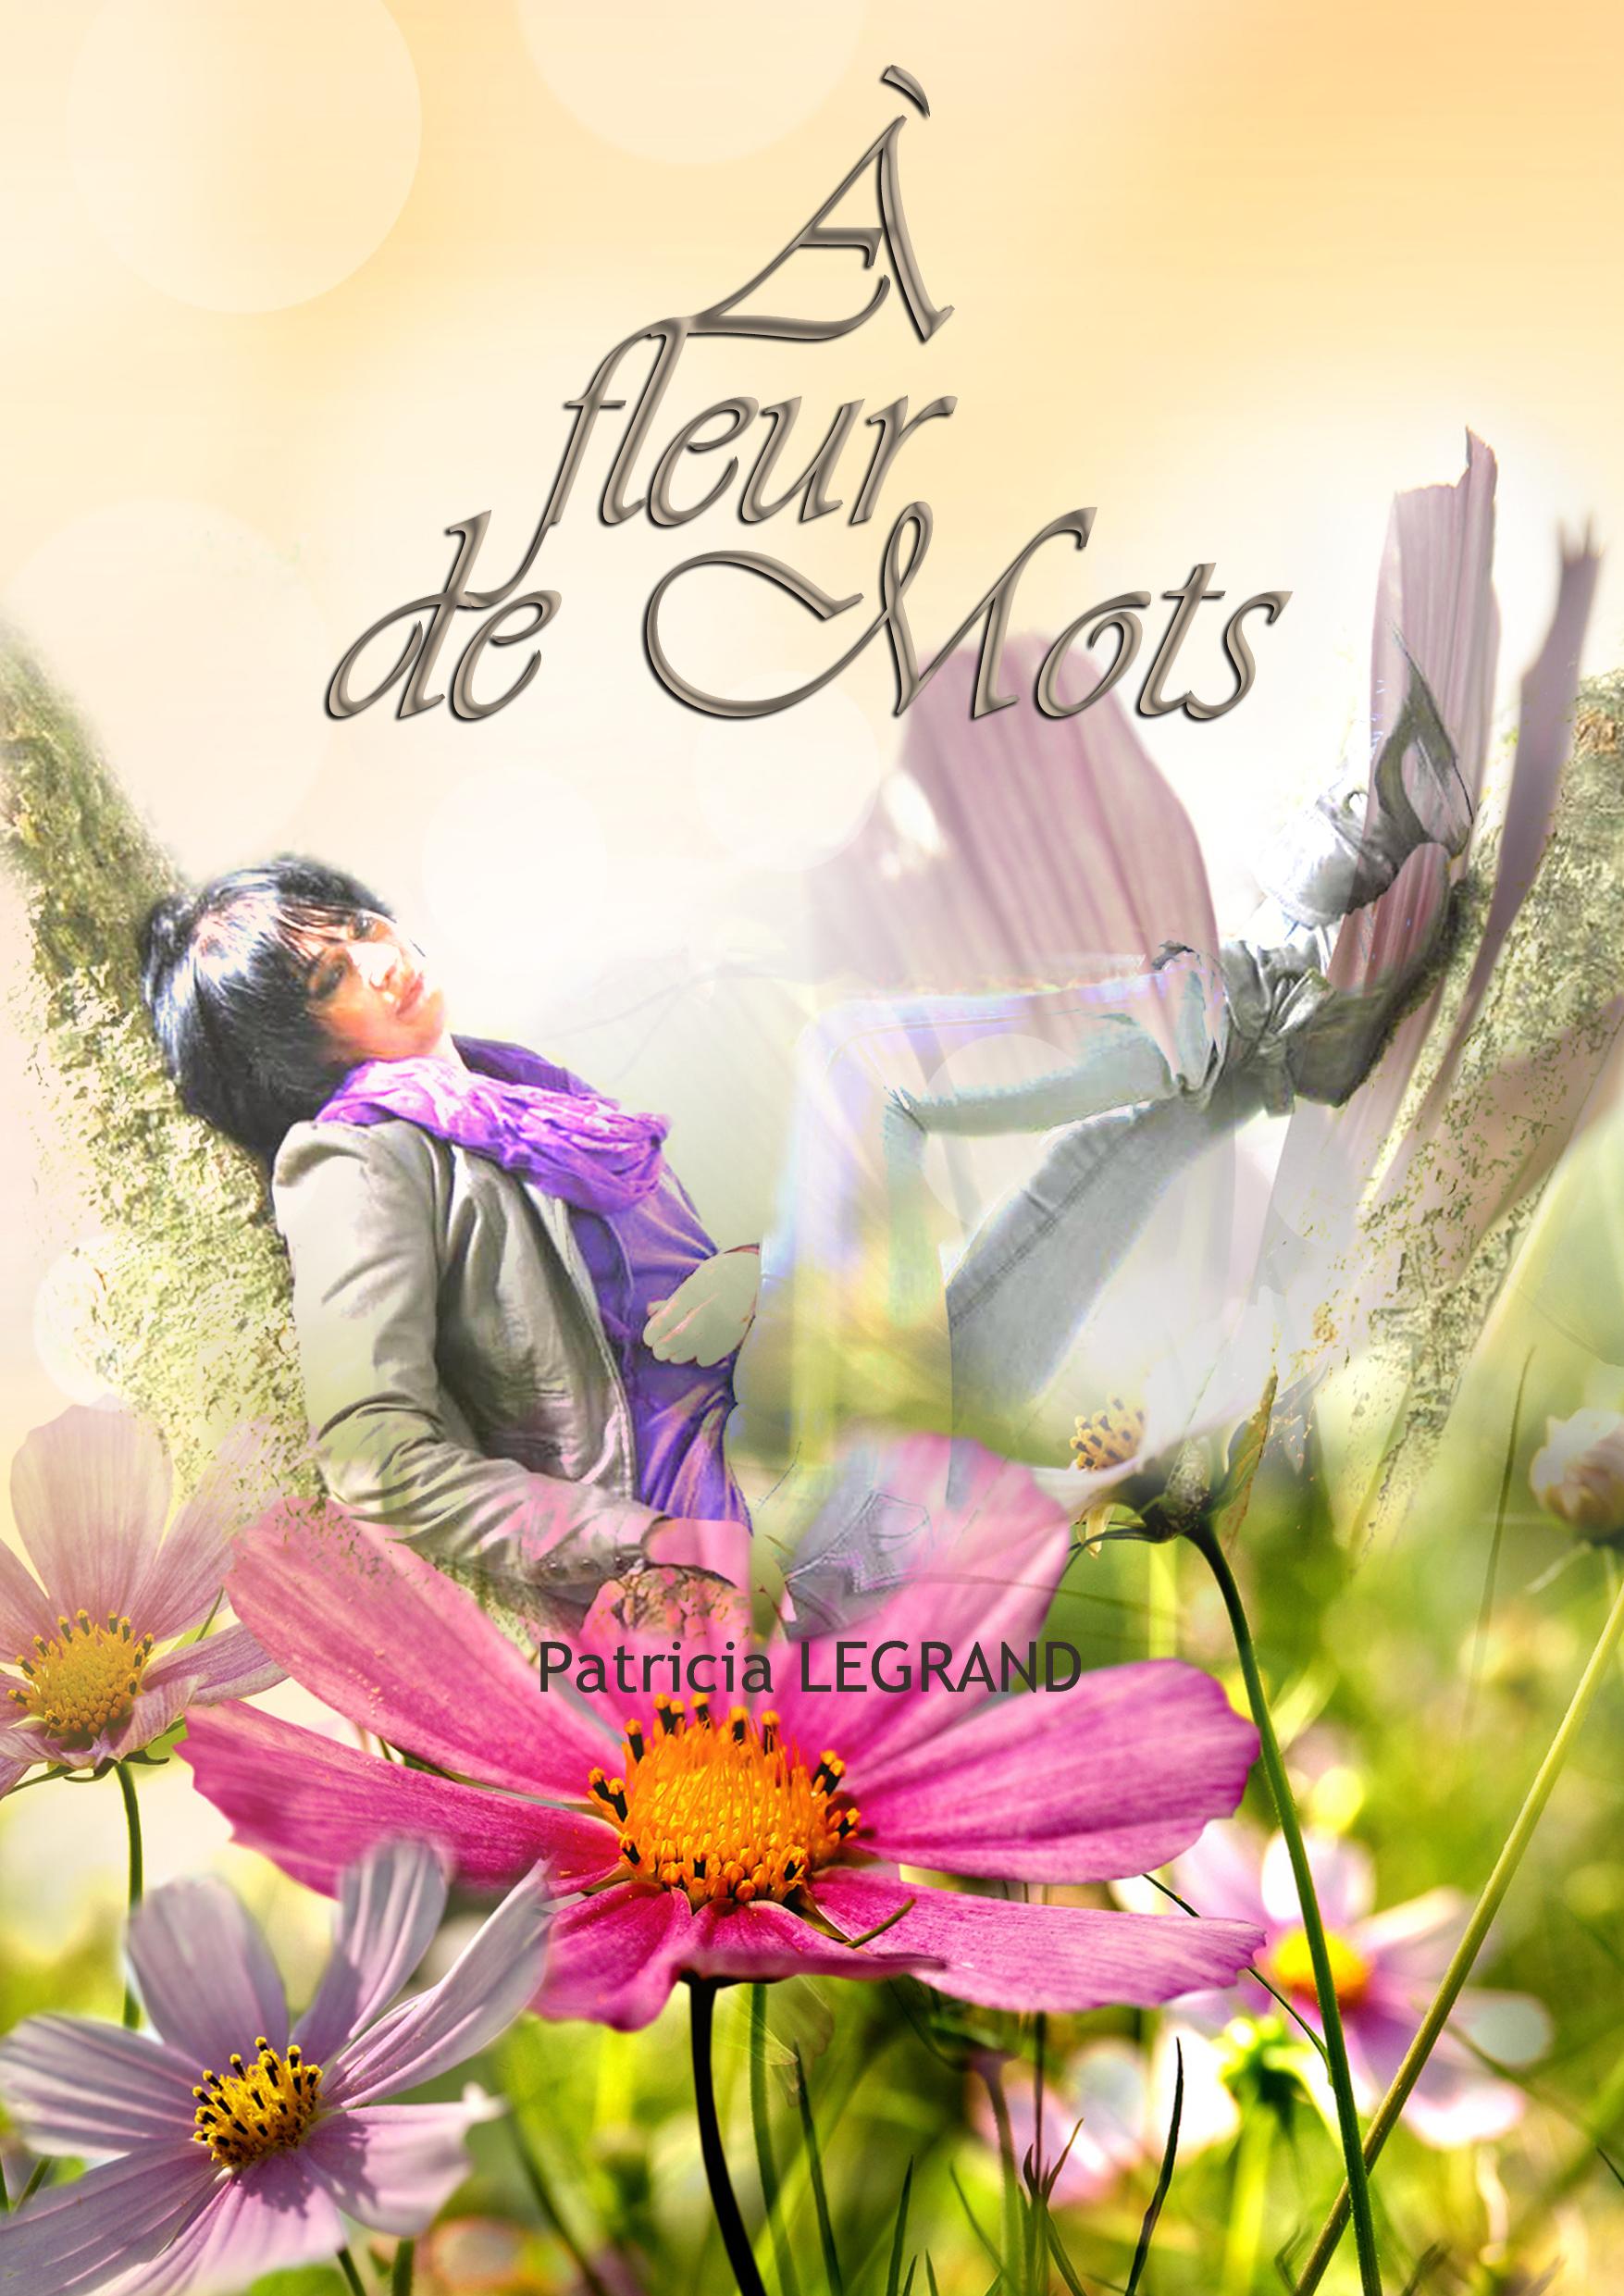 À fleur de Mots